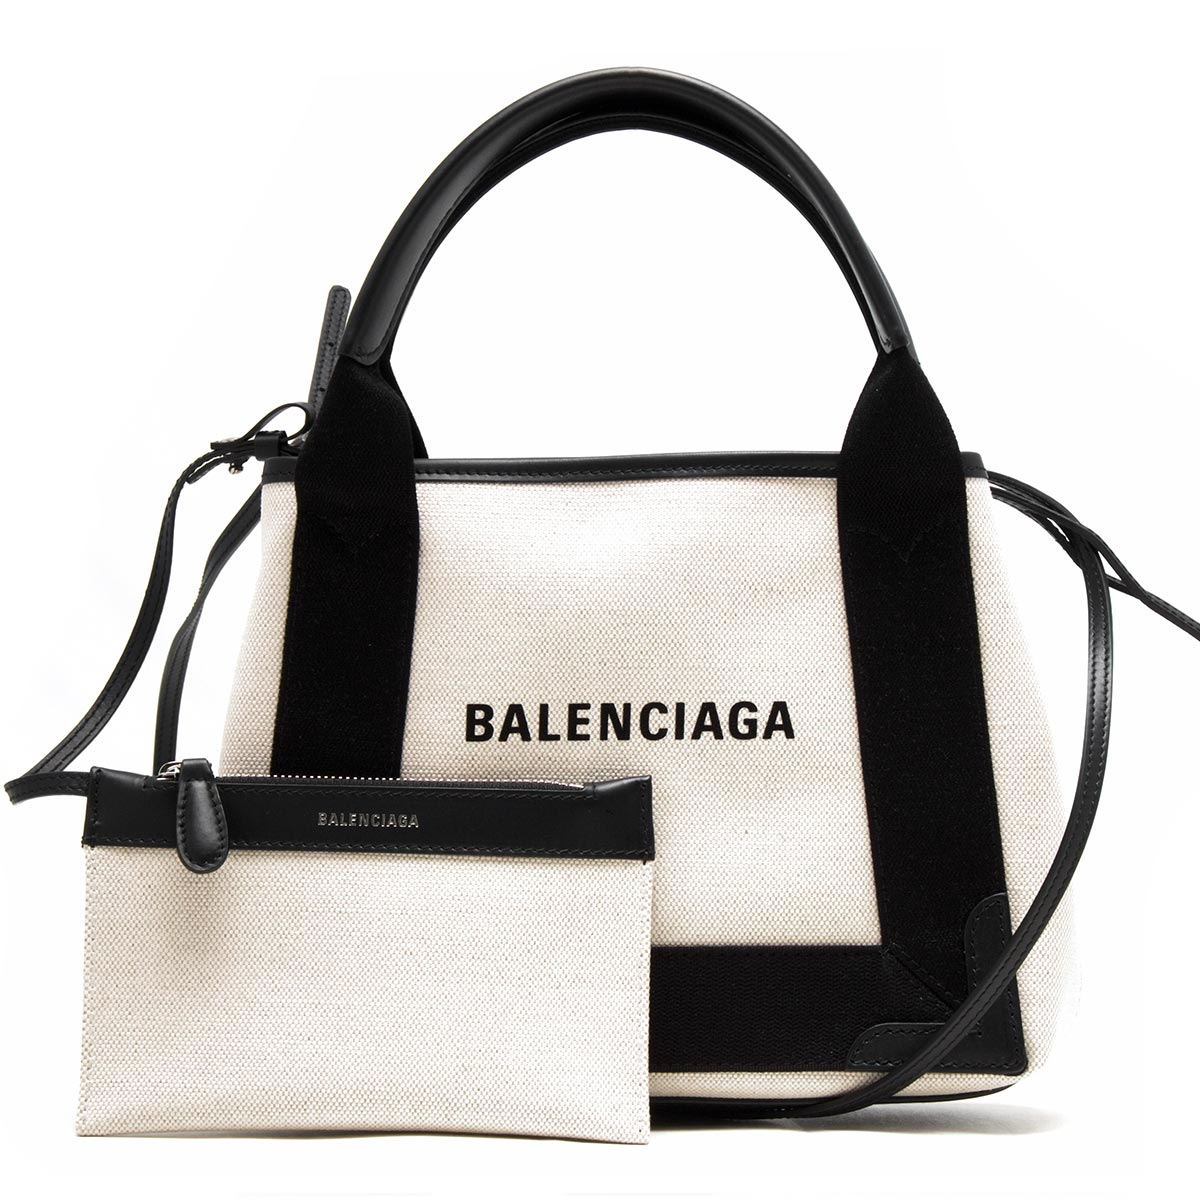 バレンシアガ トートバッグ バッグ レディース ネイビーカバス XS ブラック&ナチュラル 390346 AQ38N 1081 BALENCIAGA バーゲン